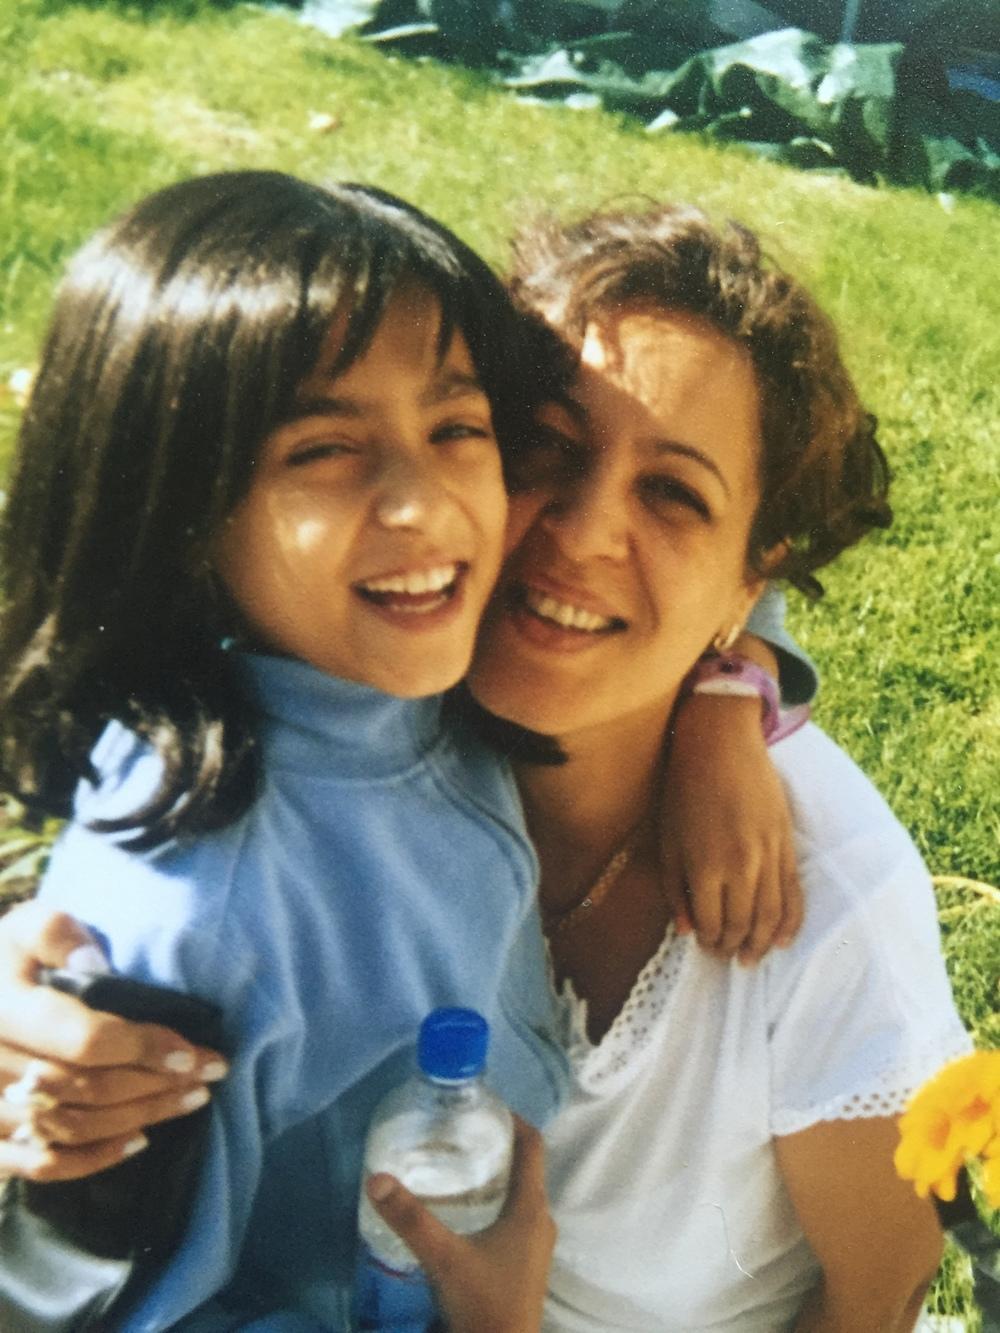 Här var jag med min mamma (och peruk). Denna bilden får mig alltid att gråta för att den påminner mig hur stark och positiv jag var trots att jag hade det jättesvårt.